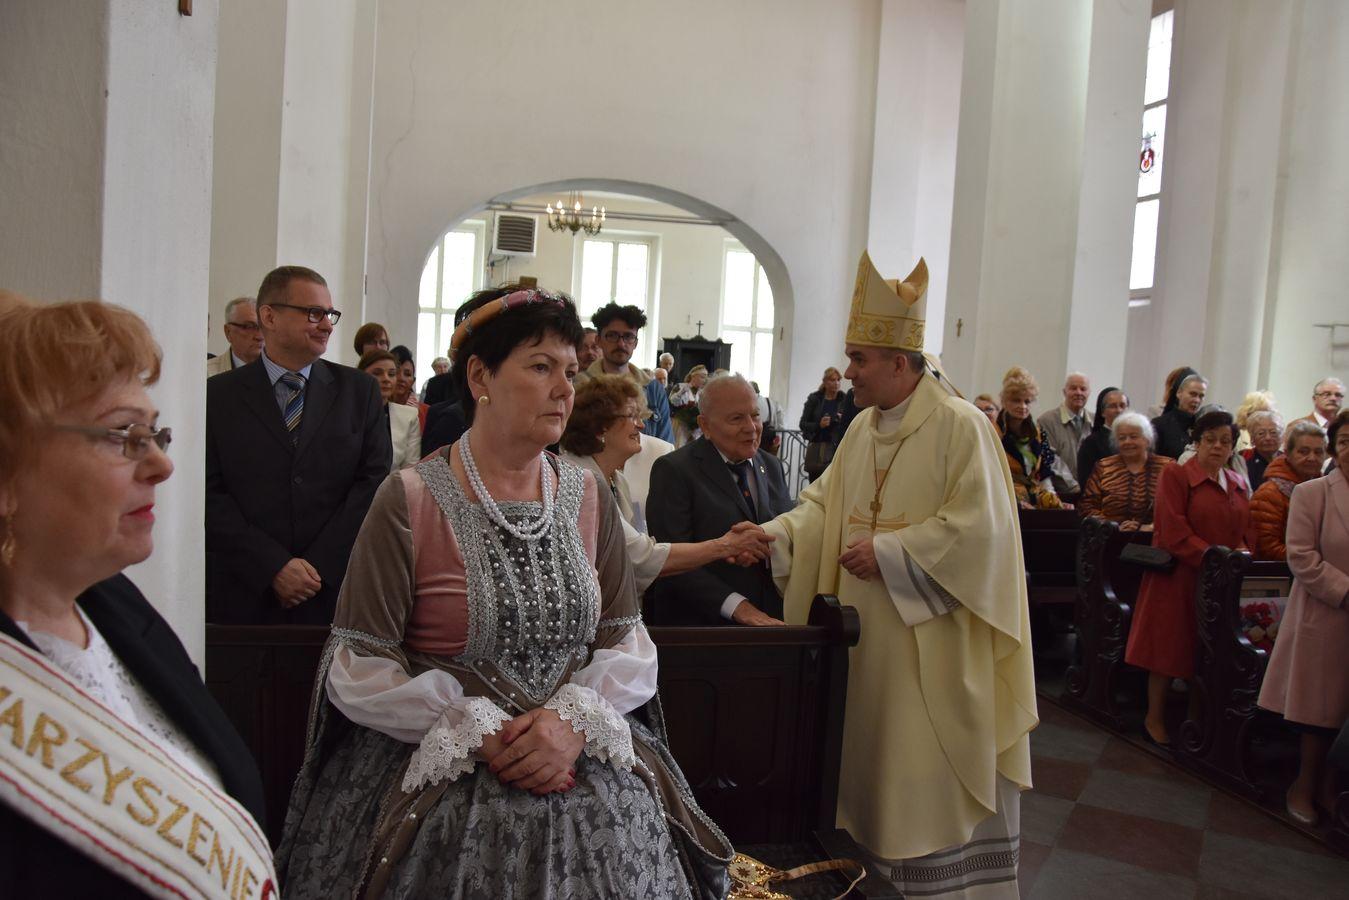 Msza-św_-w-Kaplicy-Królewskiej-fot_-J_-Wikowski-A31_7067